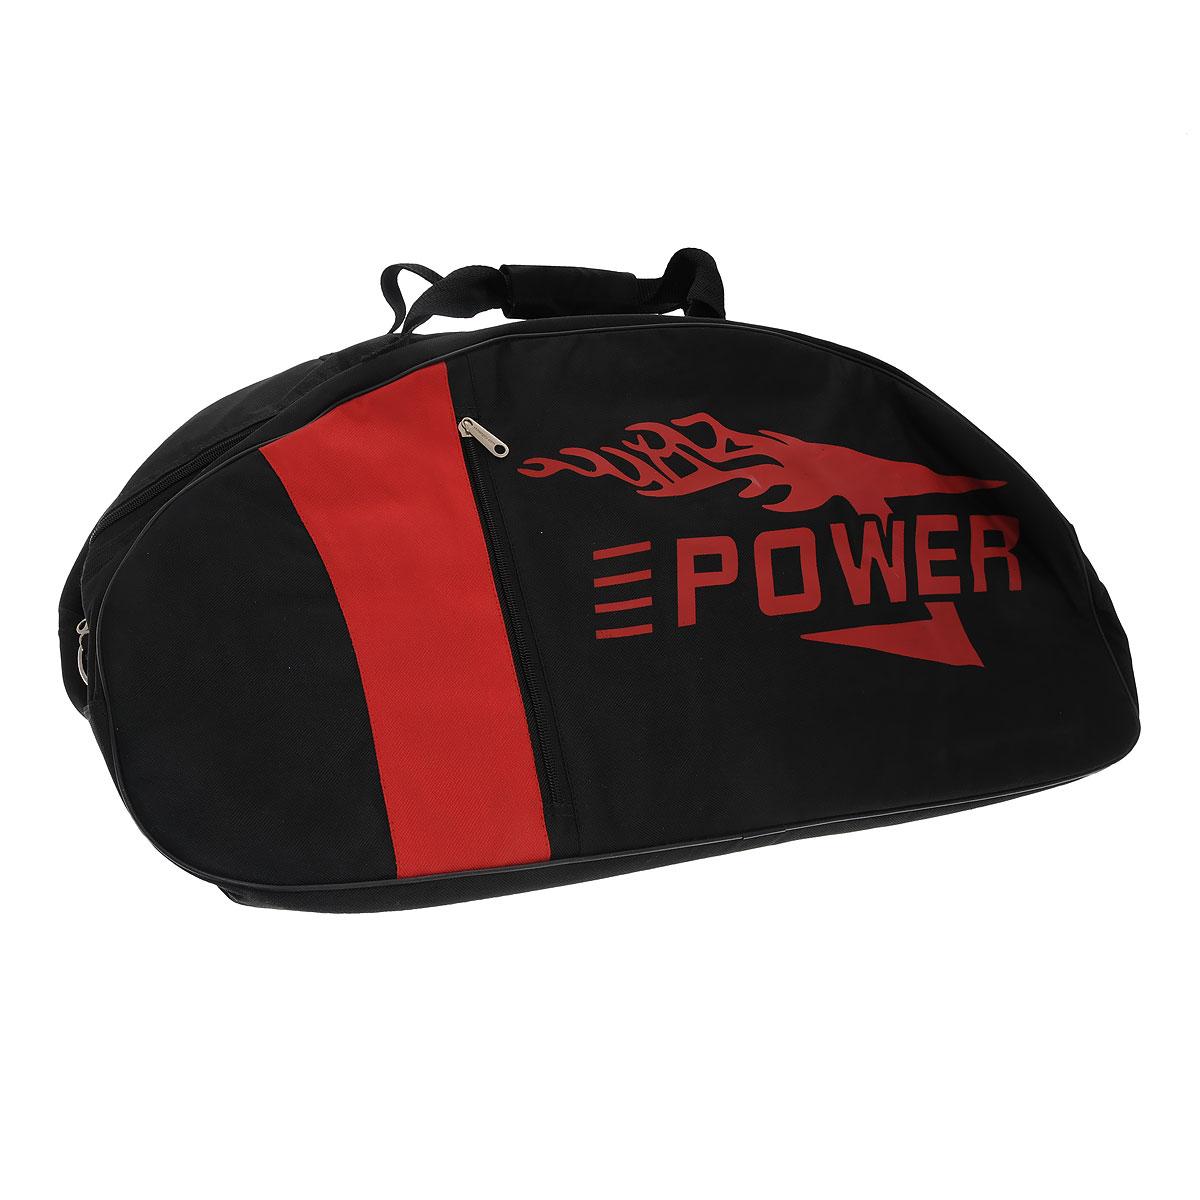 Сумка-чехол для детских джамперов Power, цвет: черный, красныйCarry bag JrСумка-чехол для детских джамперов Power - это вместительная сумка, в которой удобно переносить джамперы, комплект защиты и спортивную одежду для тренировок. Сумка выполнена из прочного материала черного и оранжевого цветов, содержит одно отделение и закрывается на застежку-молнию с двумя бегунками. Стенки сумки уплотнены, что поможет избежать повреждения оборудования при возможных ударах. С двух сторон на сумке расположены вертикальные прорезные карманы на застежках-молниях. Сумка оснащена двумя ручками для переноски и съемным плечевым ремнем, регулирующимся по длине.